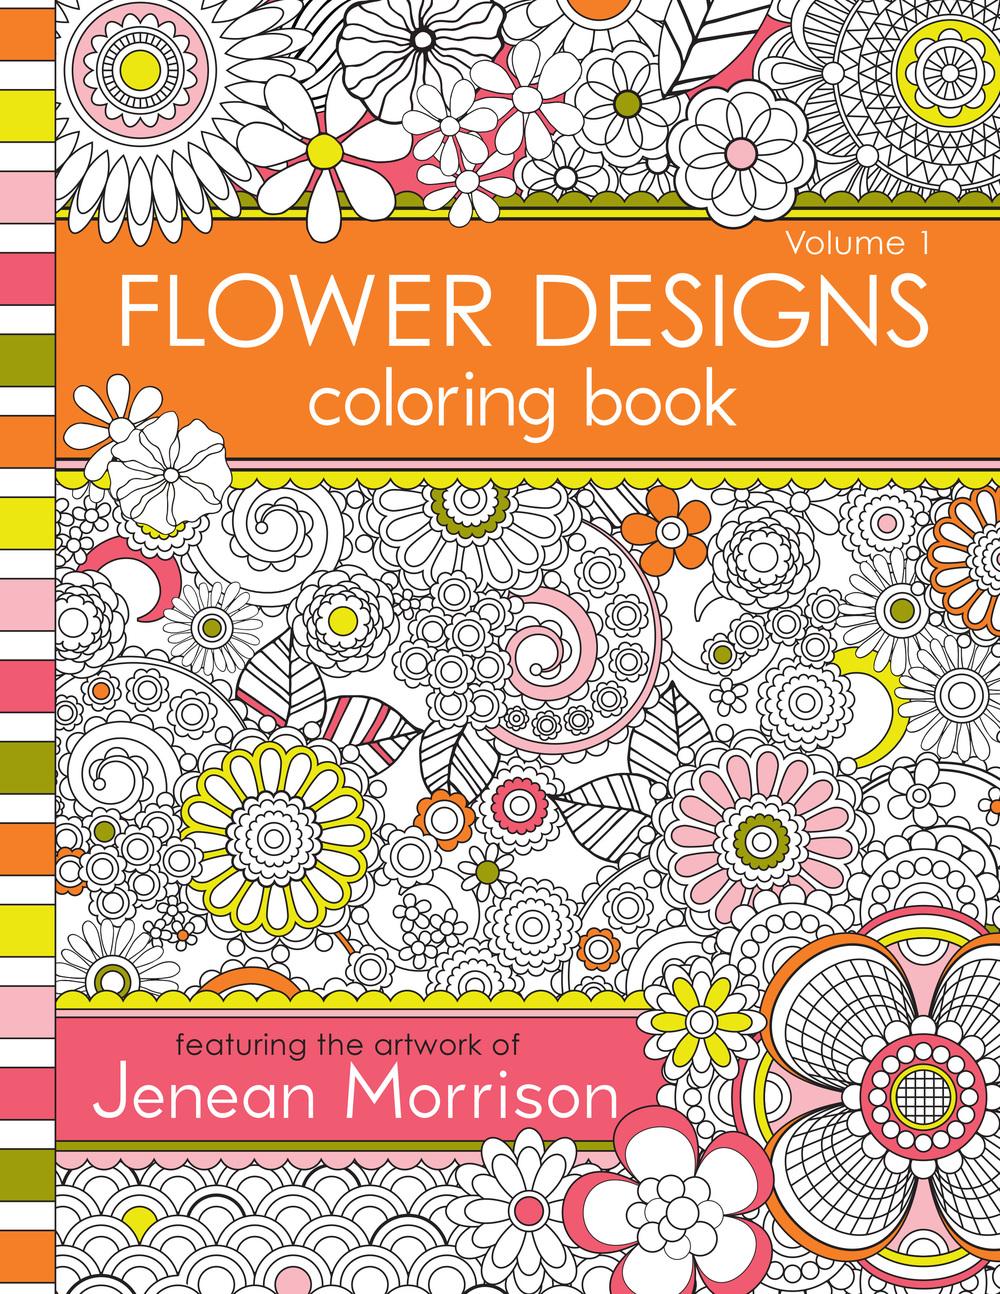 FlowerDesignsv1.jpg